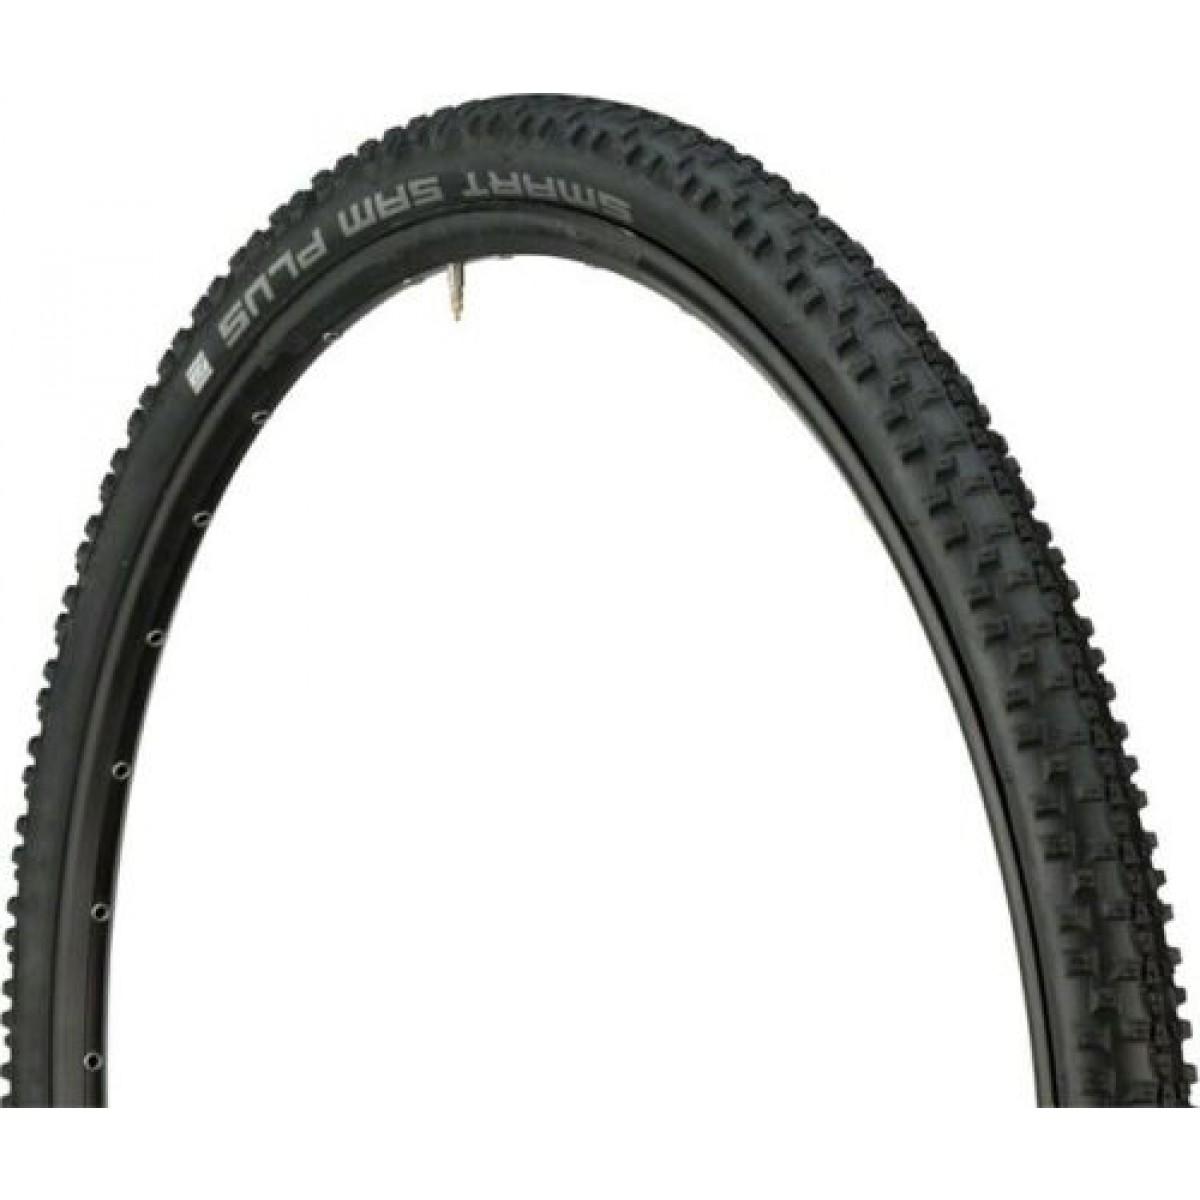 Rigid Tyre Schwalbe Smart Sam Plus Addix